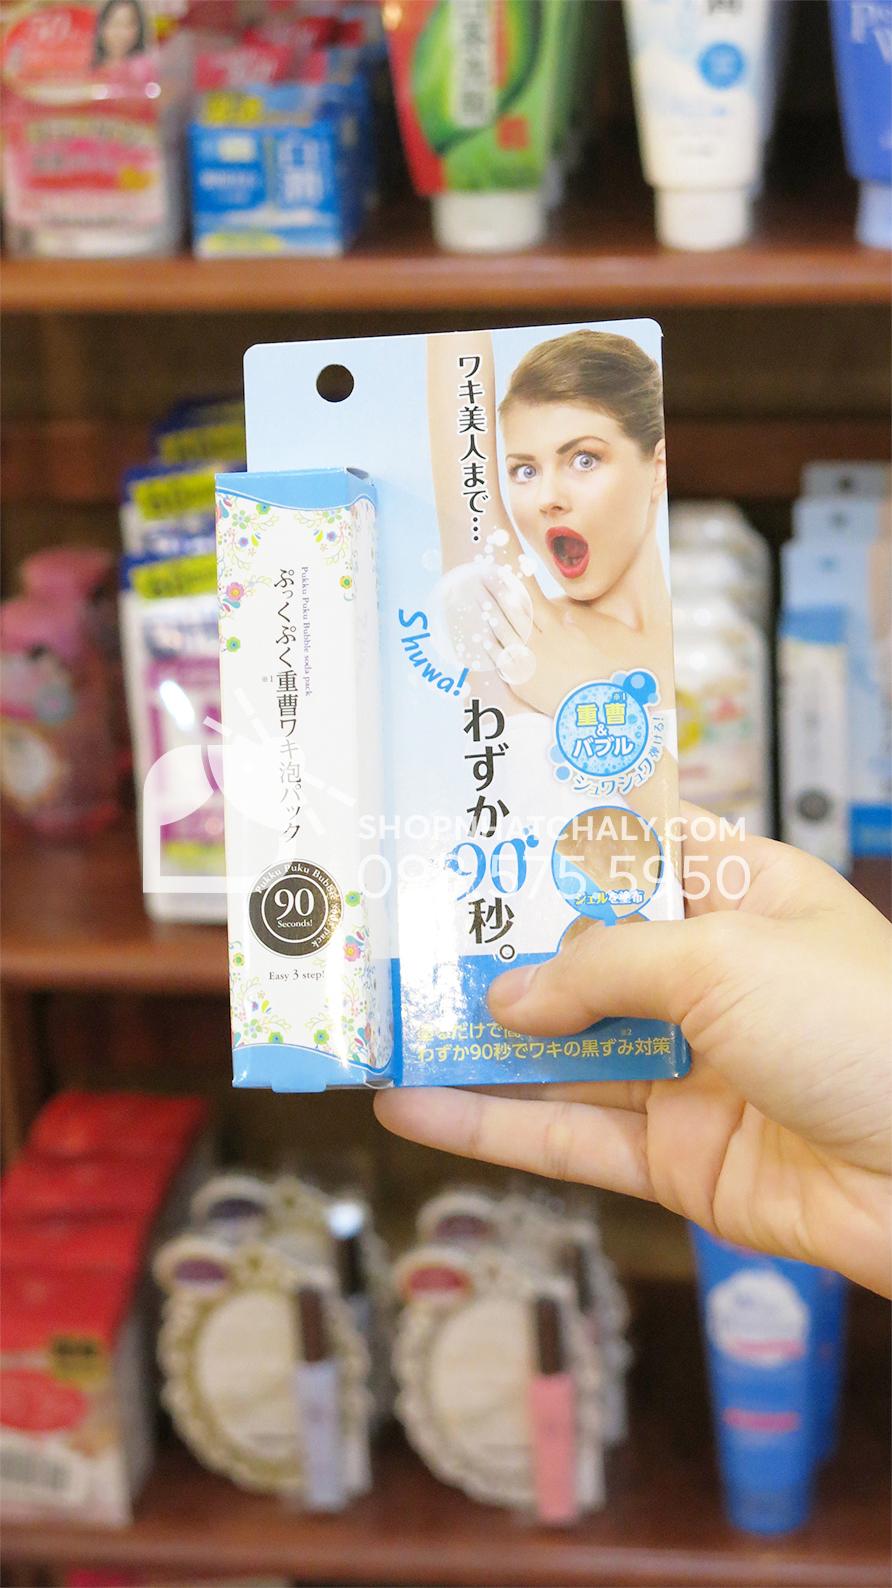 Kem trị thâm nách nào tốt? Pukku Puku Bubble Soda là kem trị thâm nách được ưa chuộng số 1 tại Nhật Bản. Với công thức 3 bước làm sạch tận sâu bên trong lỗ chân lông, kem trị thâm nách của Nhật Pukku trị thâm nách, viêm lỗ chân lông vùng nách cực kỳ hiệu quả